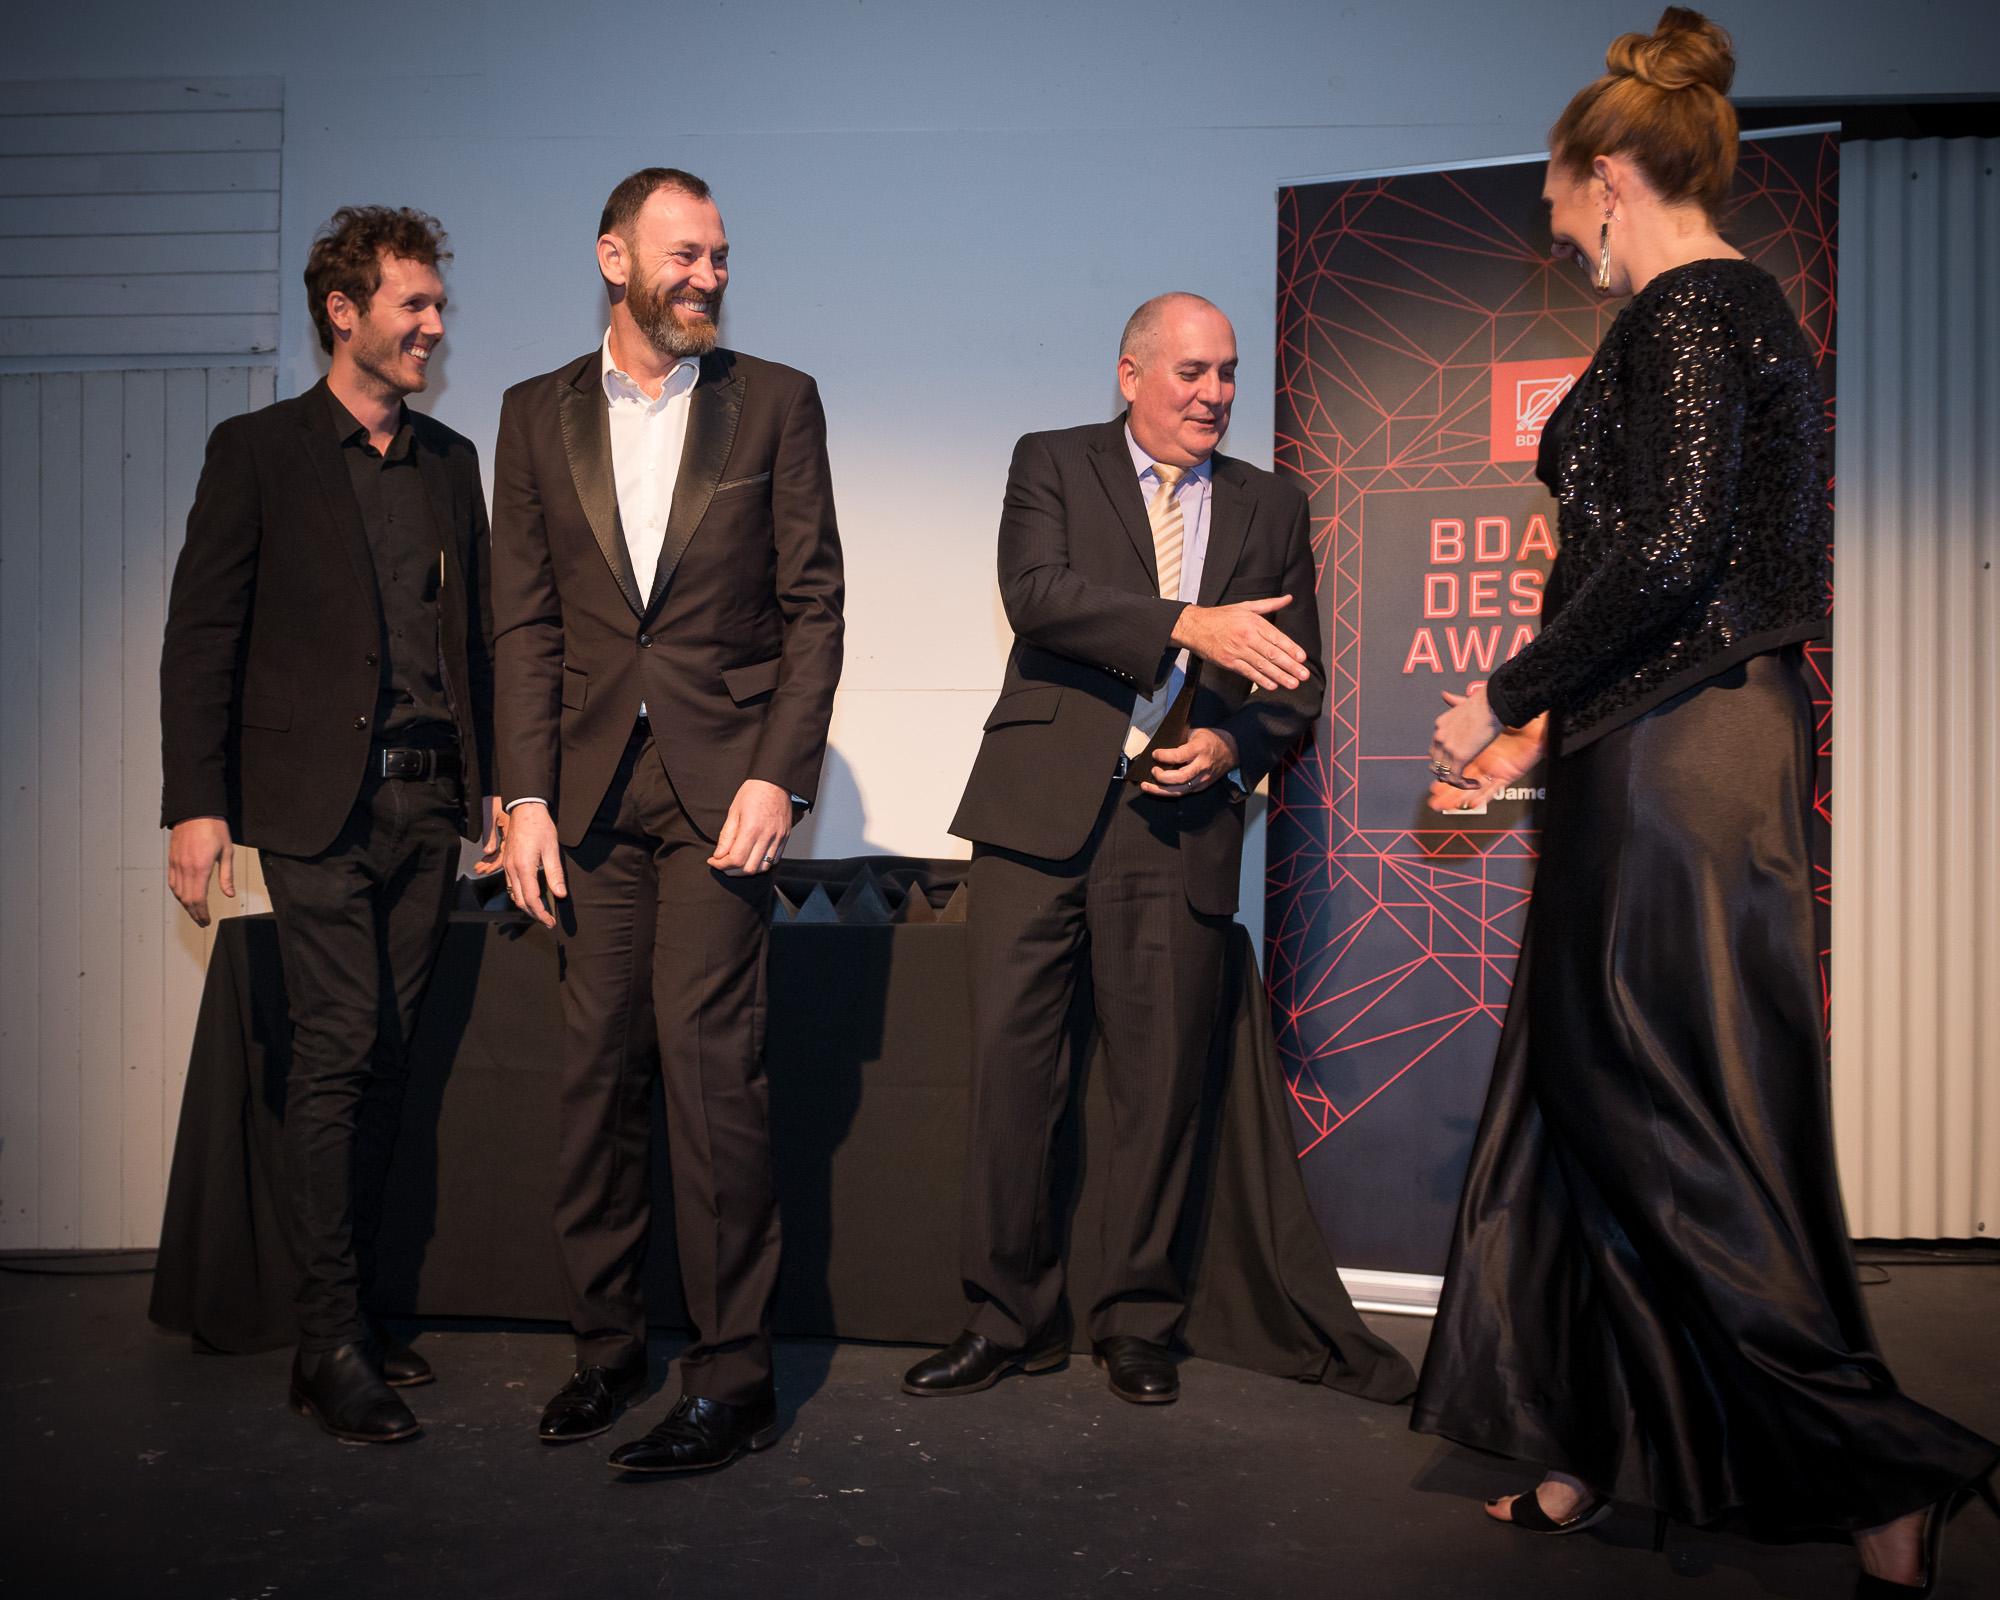 0134 BDA WA Awards 2017 _JHG7345.jpg